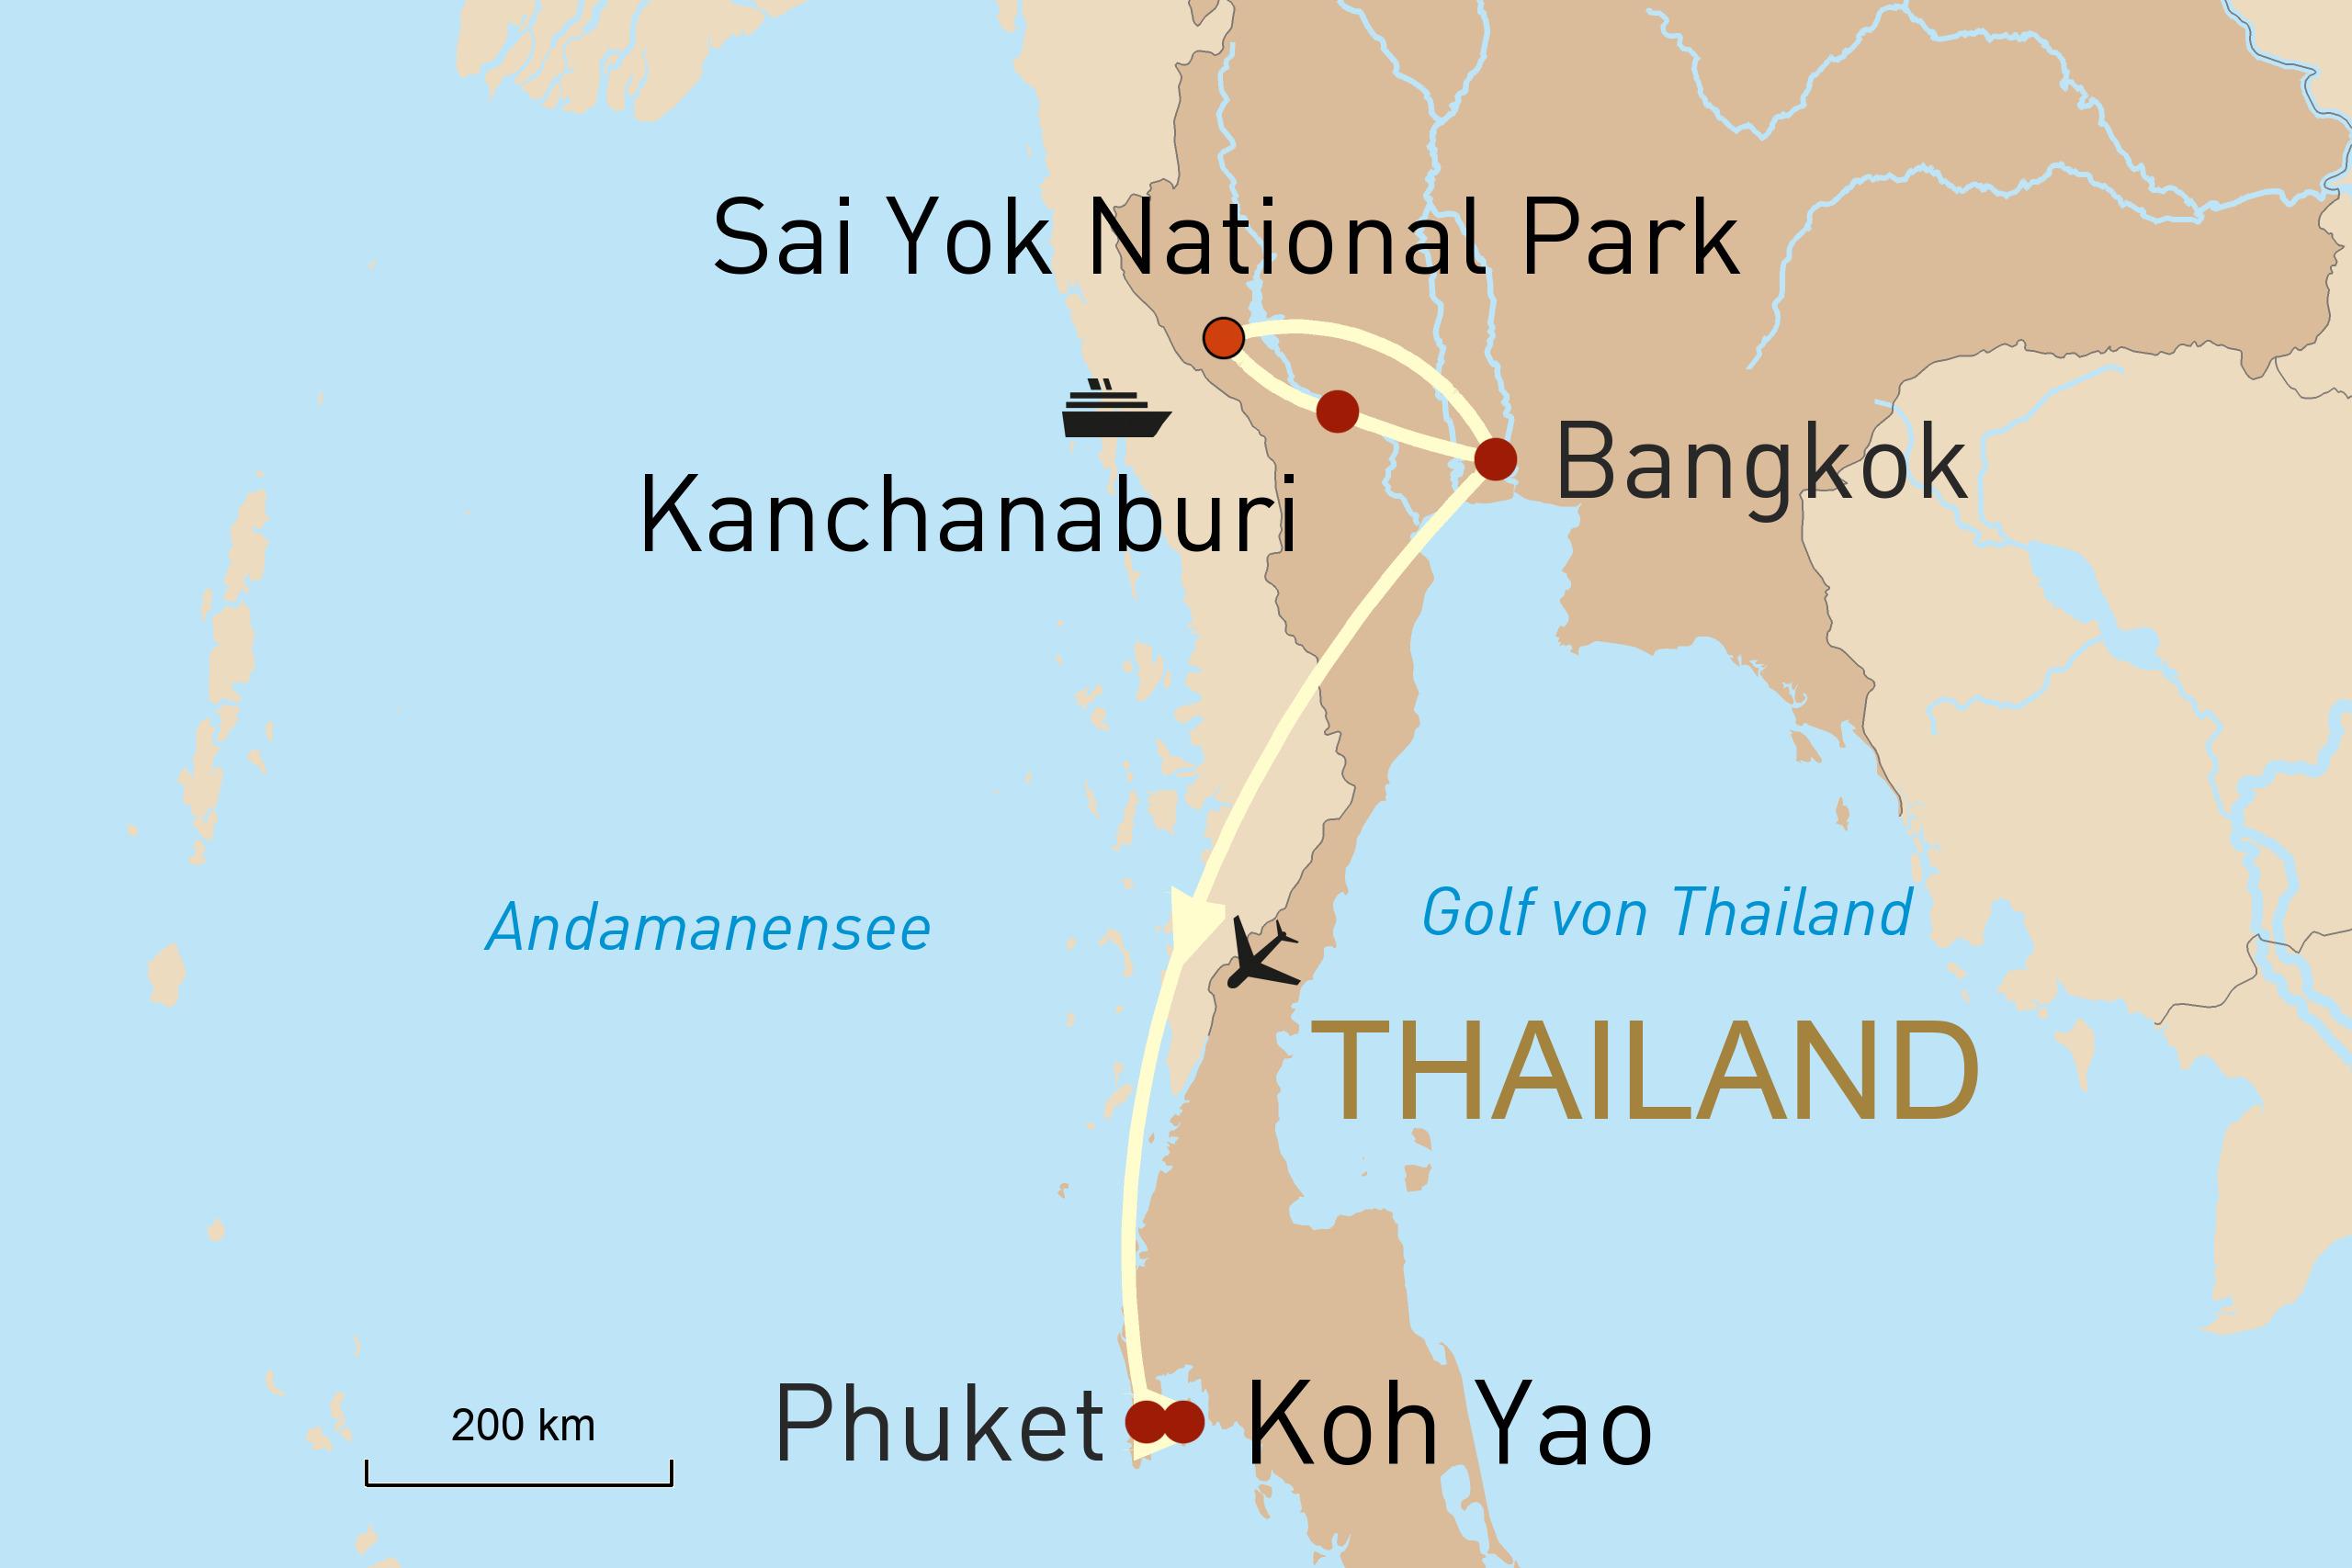 Thailand_River Kwai